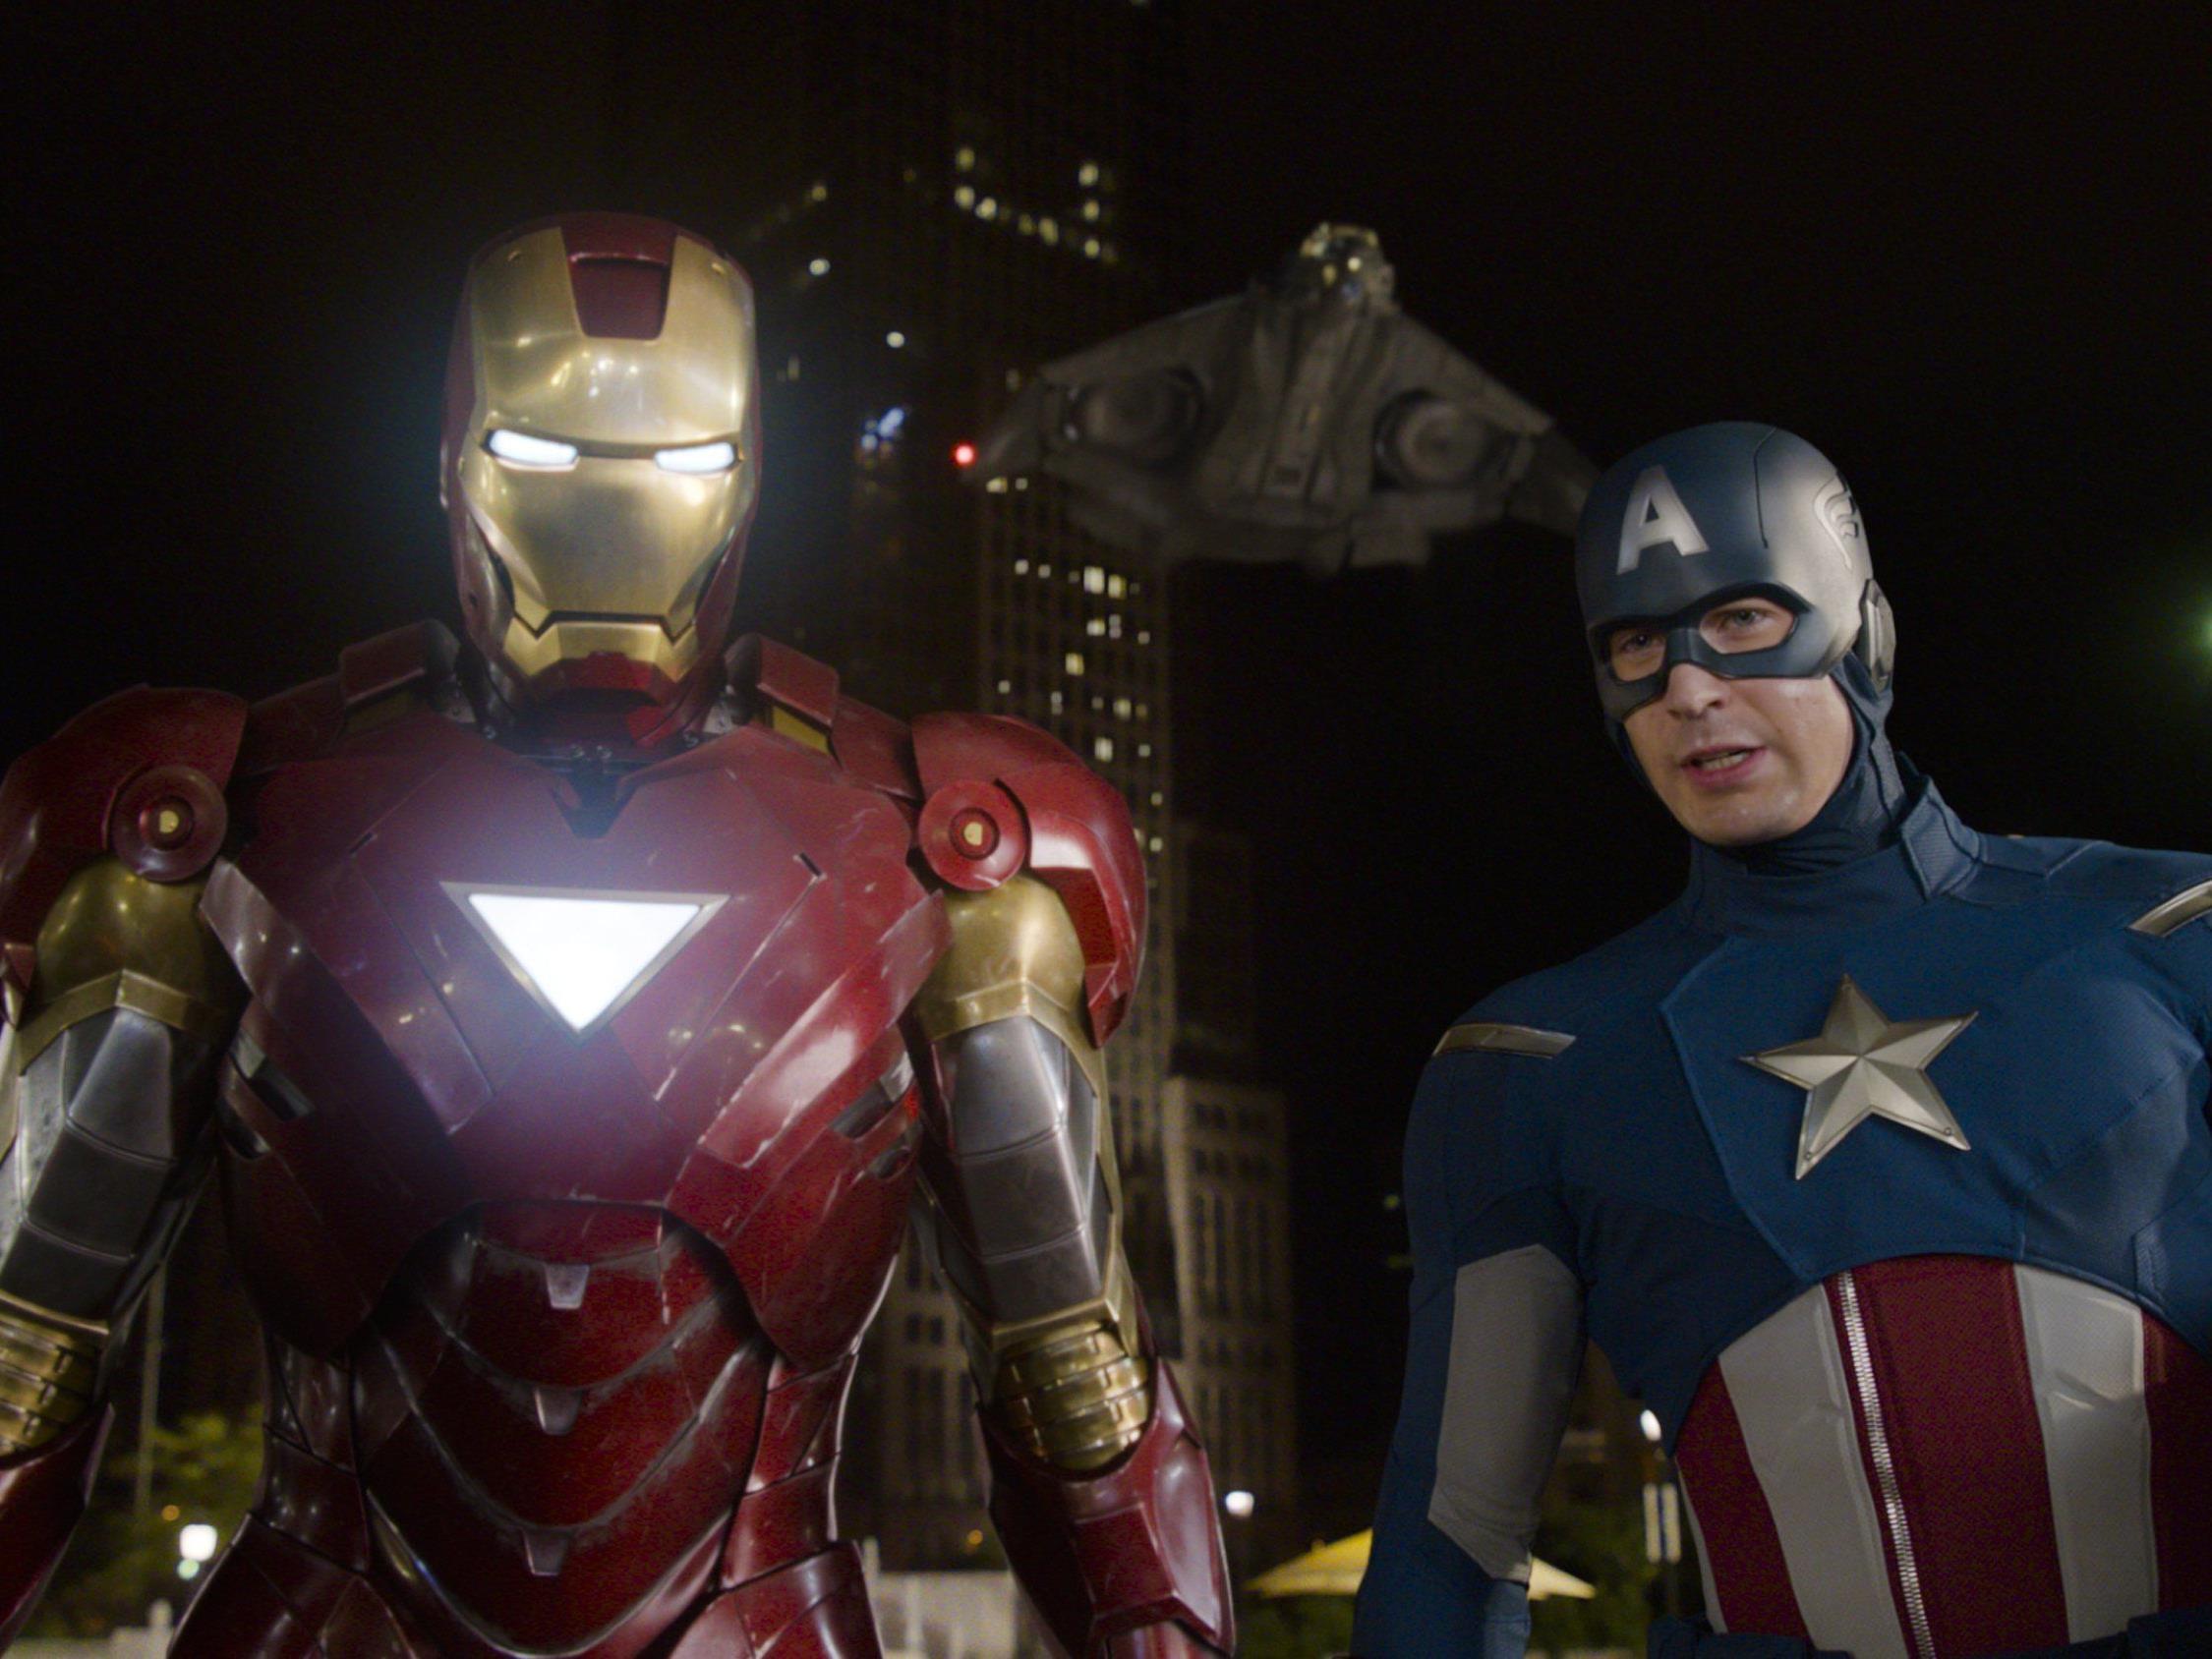 Iron Man und Captain America werden in den nächsten Jahren noch einige Auftritte in diversen Marvel-Filmen hinlegen.